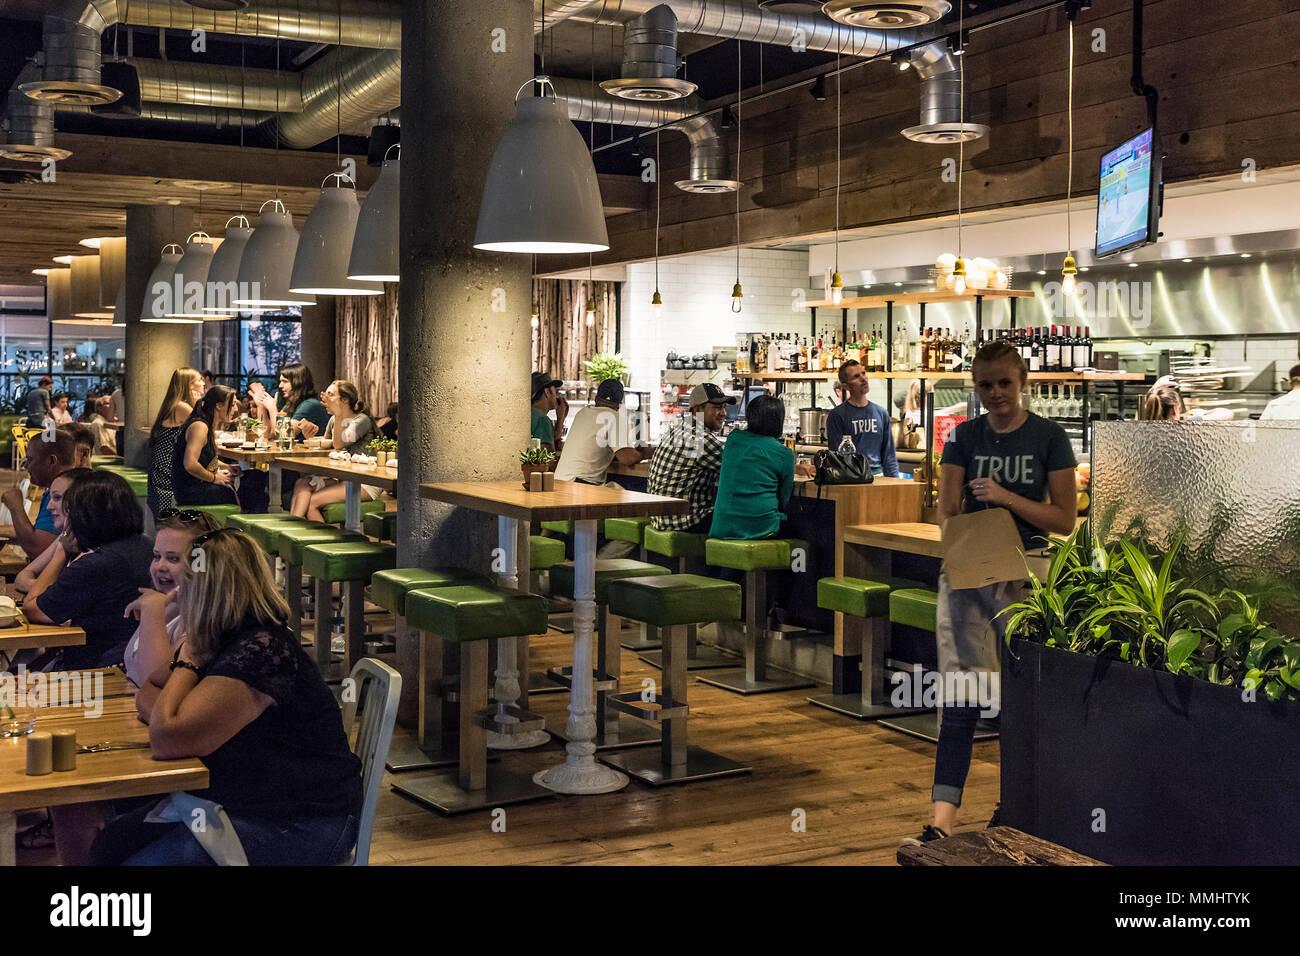 Verdadera comida restaurante cocina, Denver, Colorado, Estados Unidos. Imagen De Stock